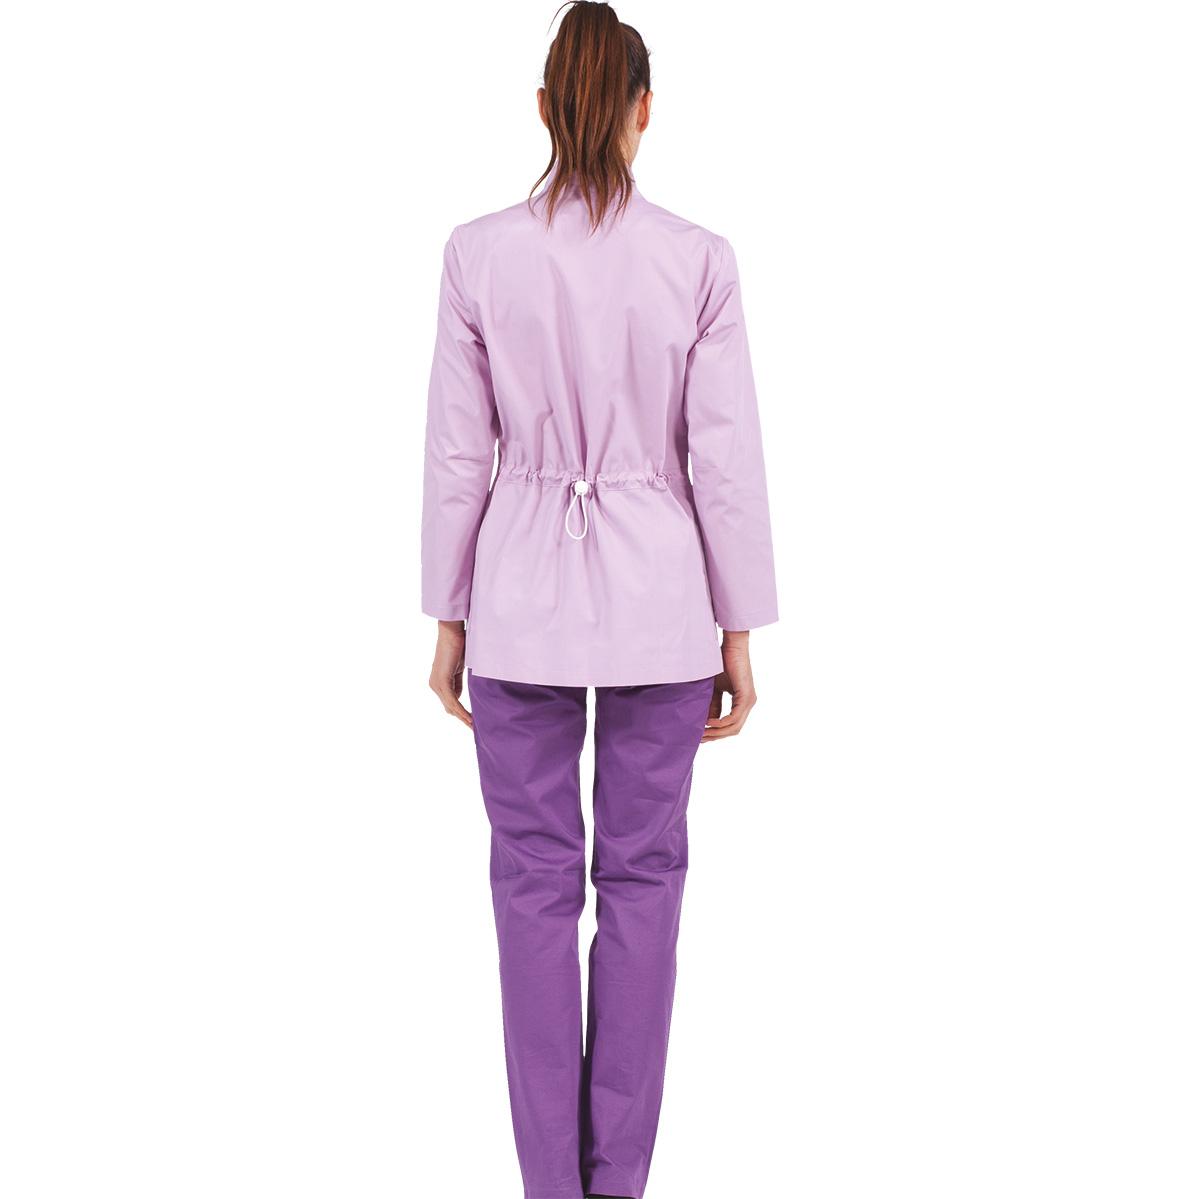 divine-casacca-manica-lunga-regolabile-dietro